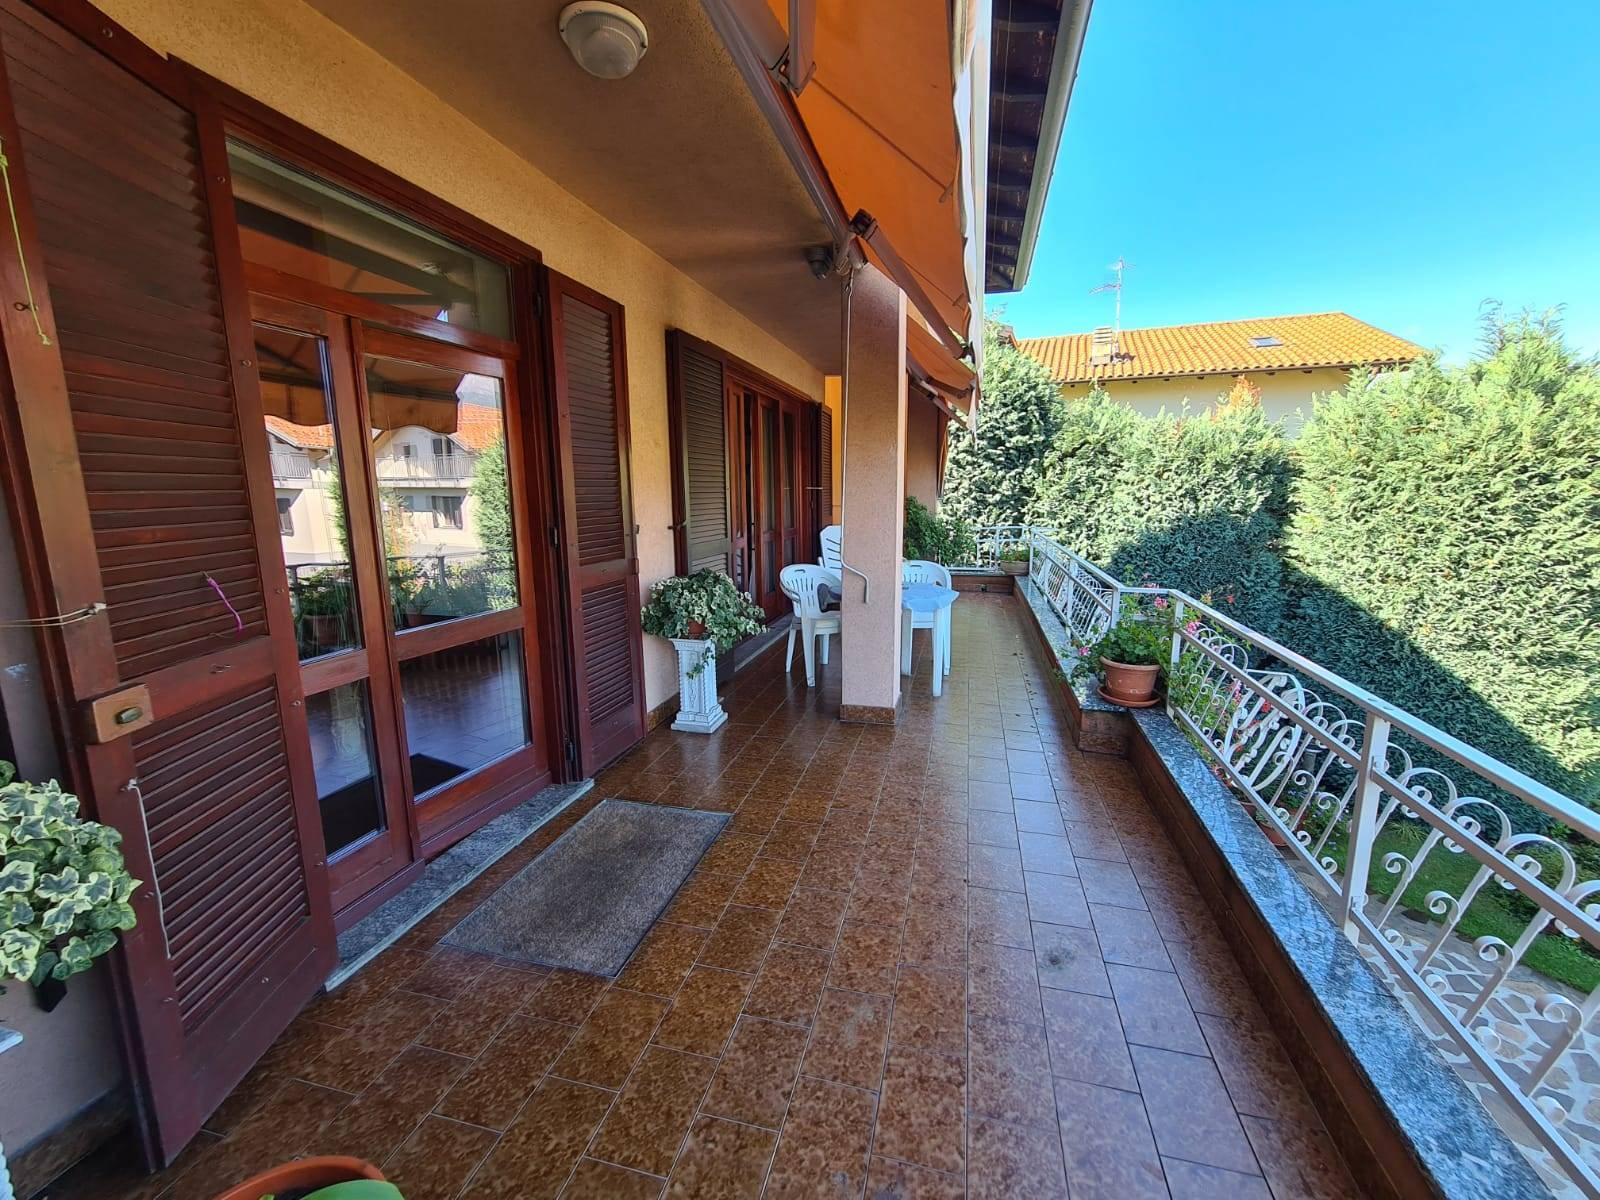 Villa o casa singola in VENDITA a COLICO - 11